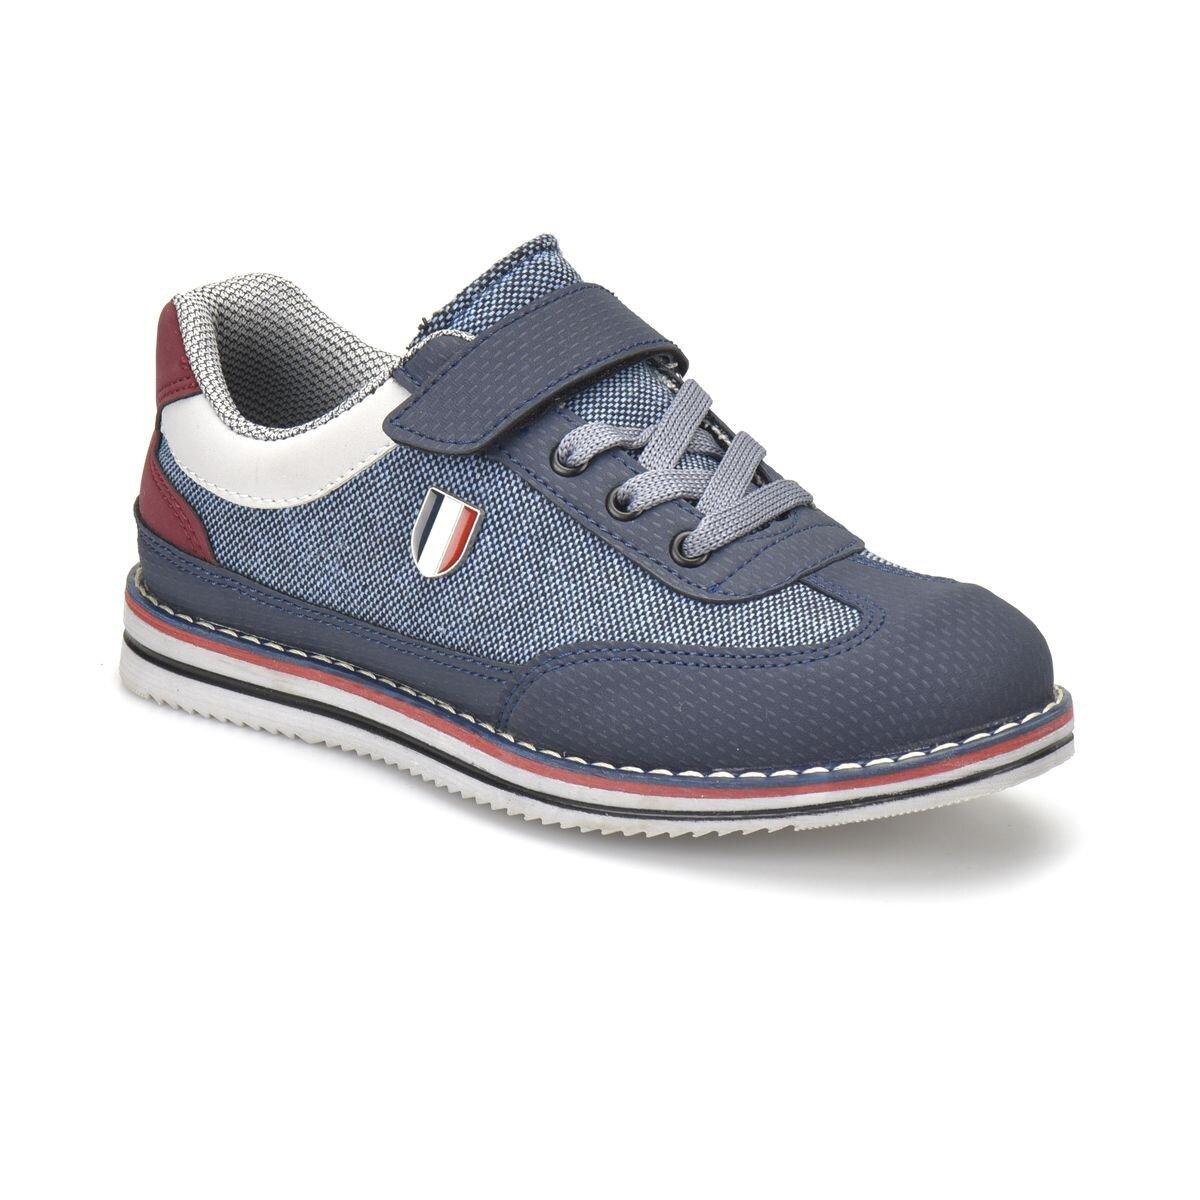 MAVI Erkek Çocuk Ayakkabı YK321.F